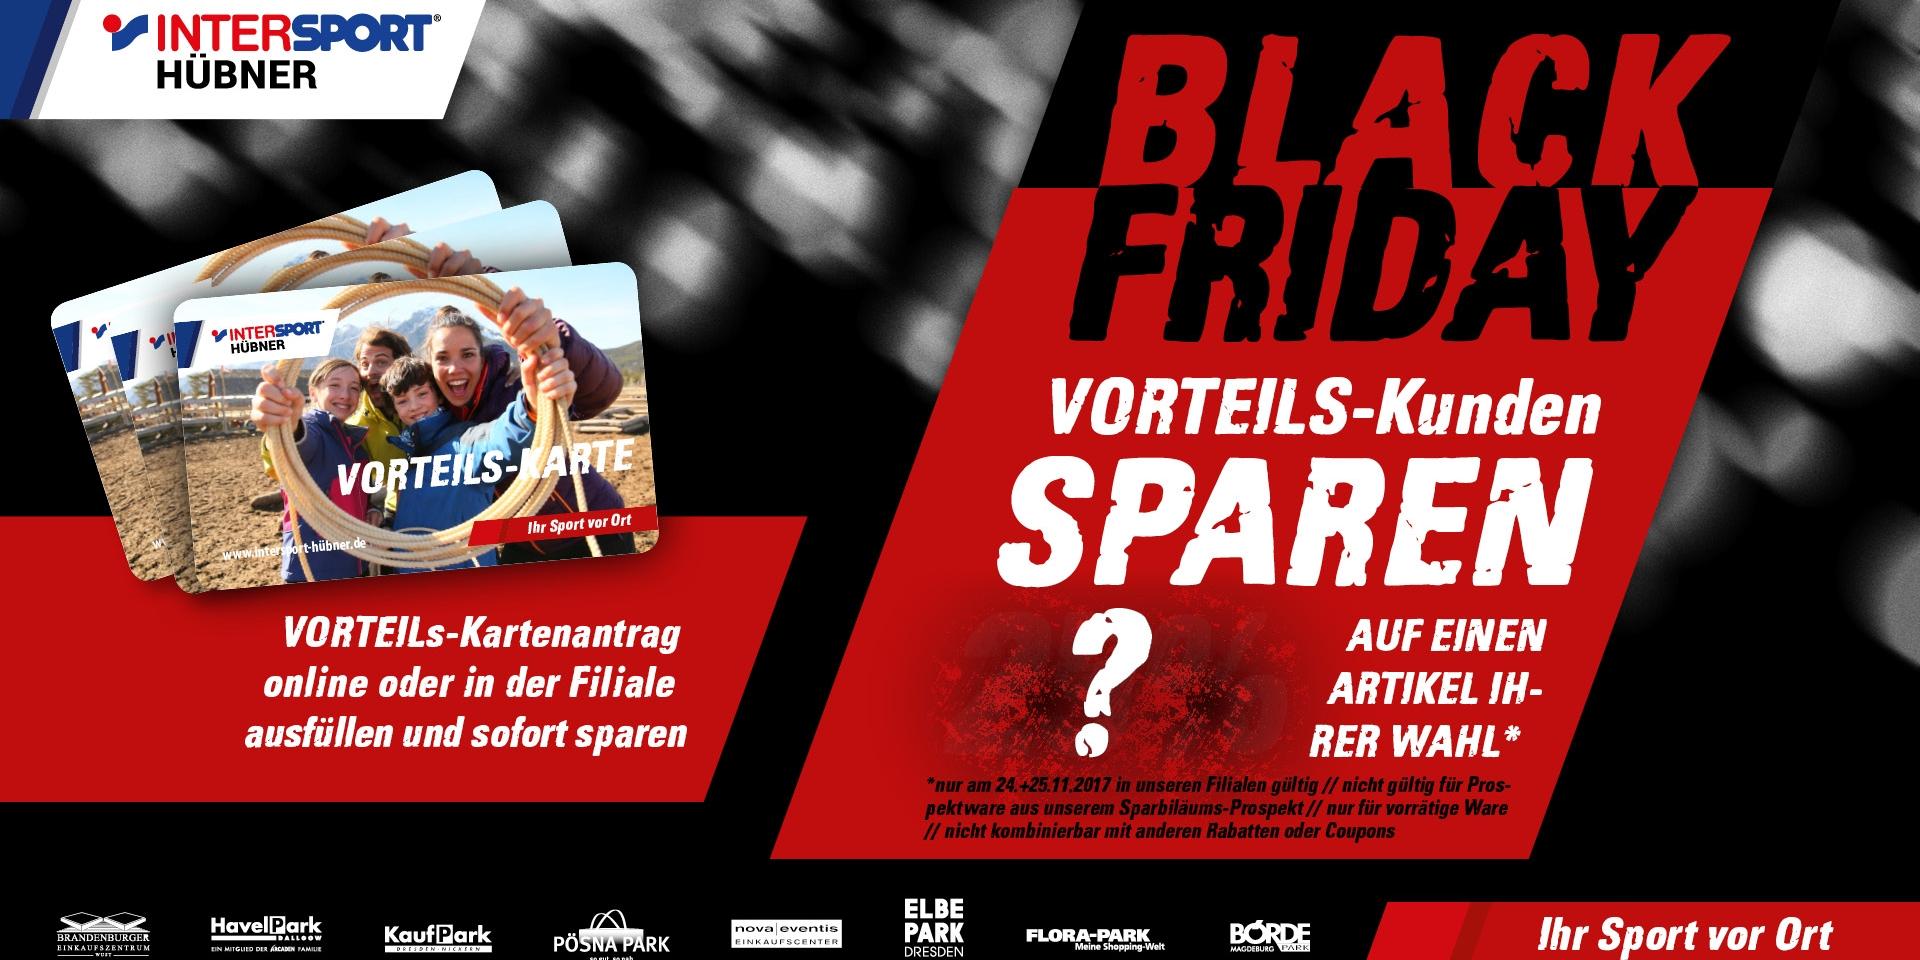 BLACK FRIDAY bei INTERSPORT Hübner